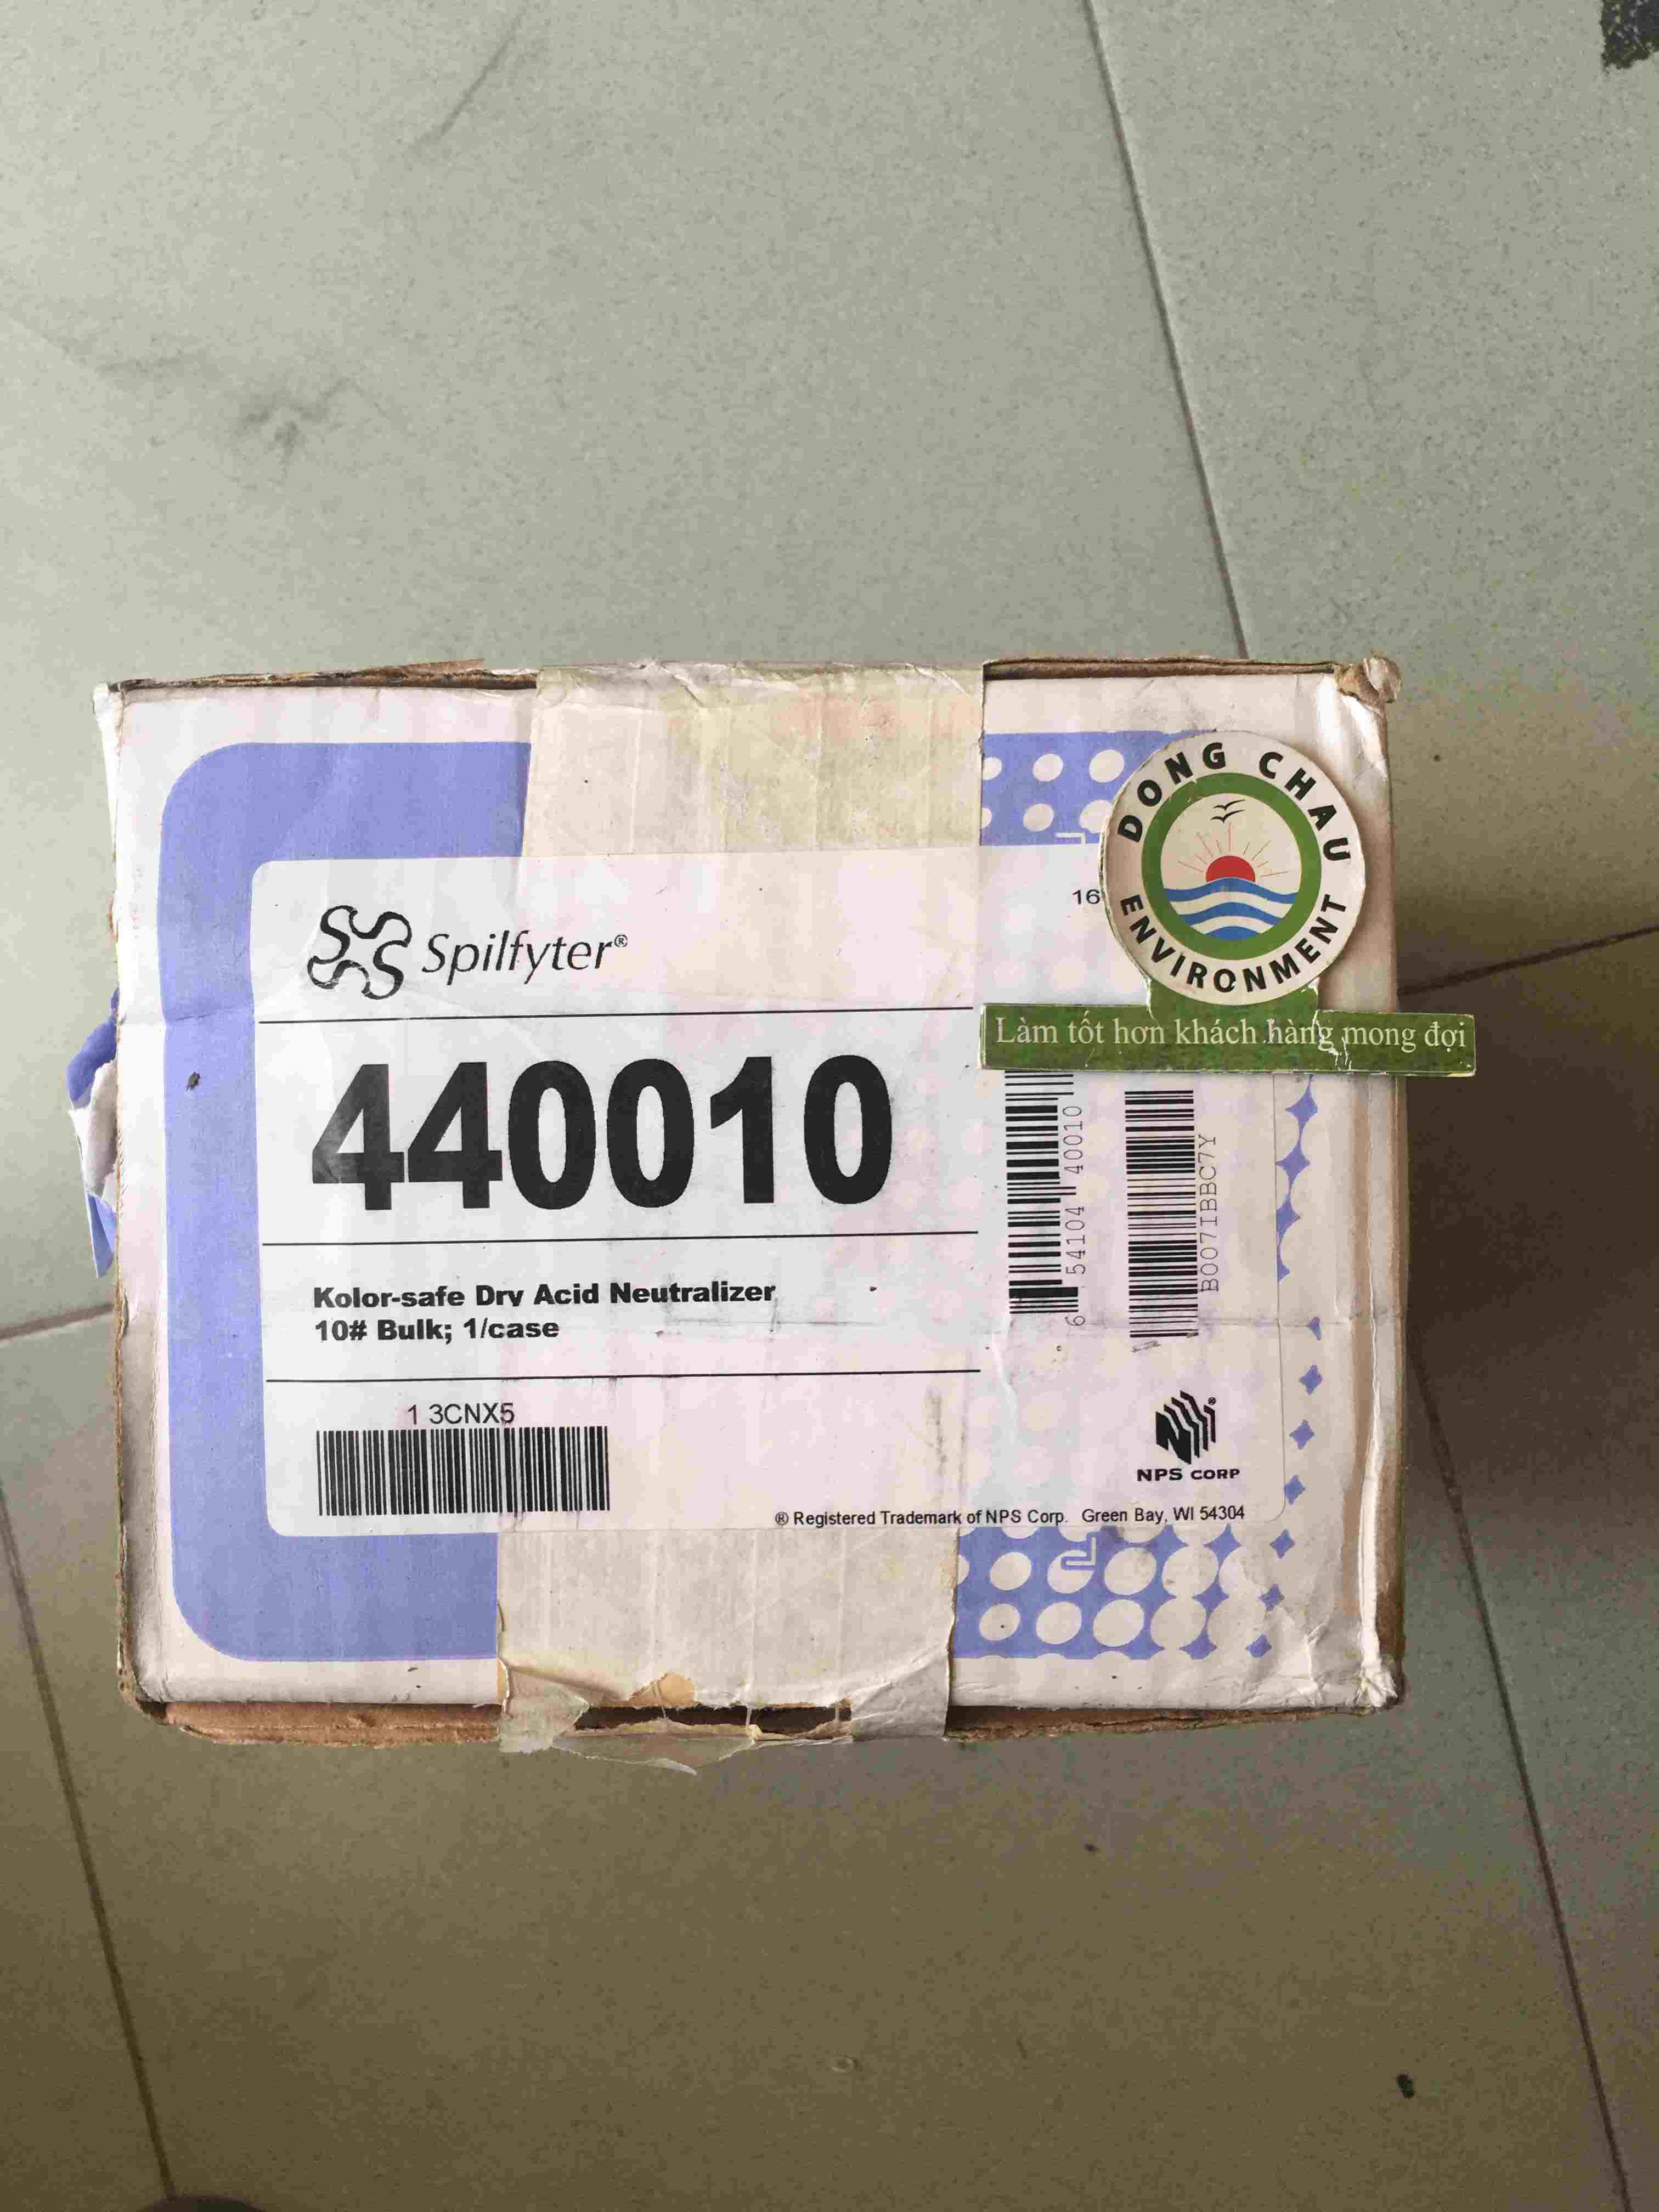 Chất bột trung hòa hóa chất axit Spilfyter 440010